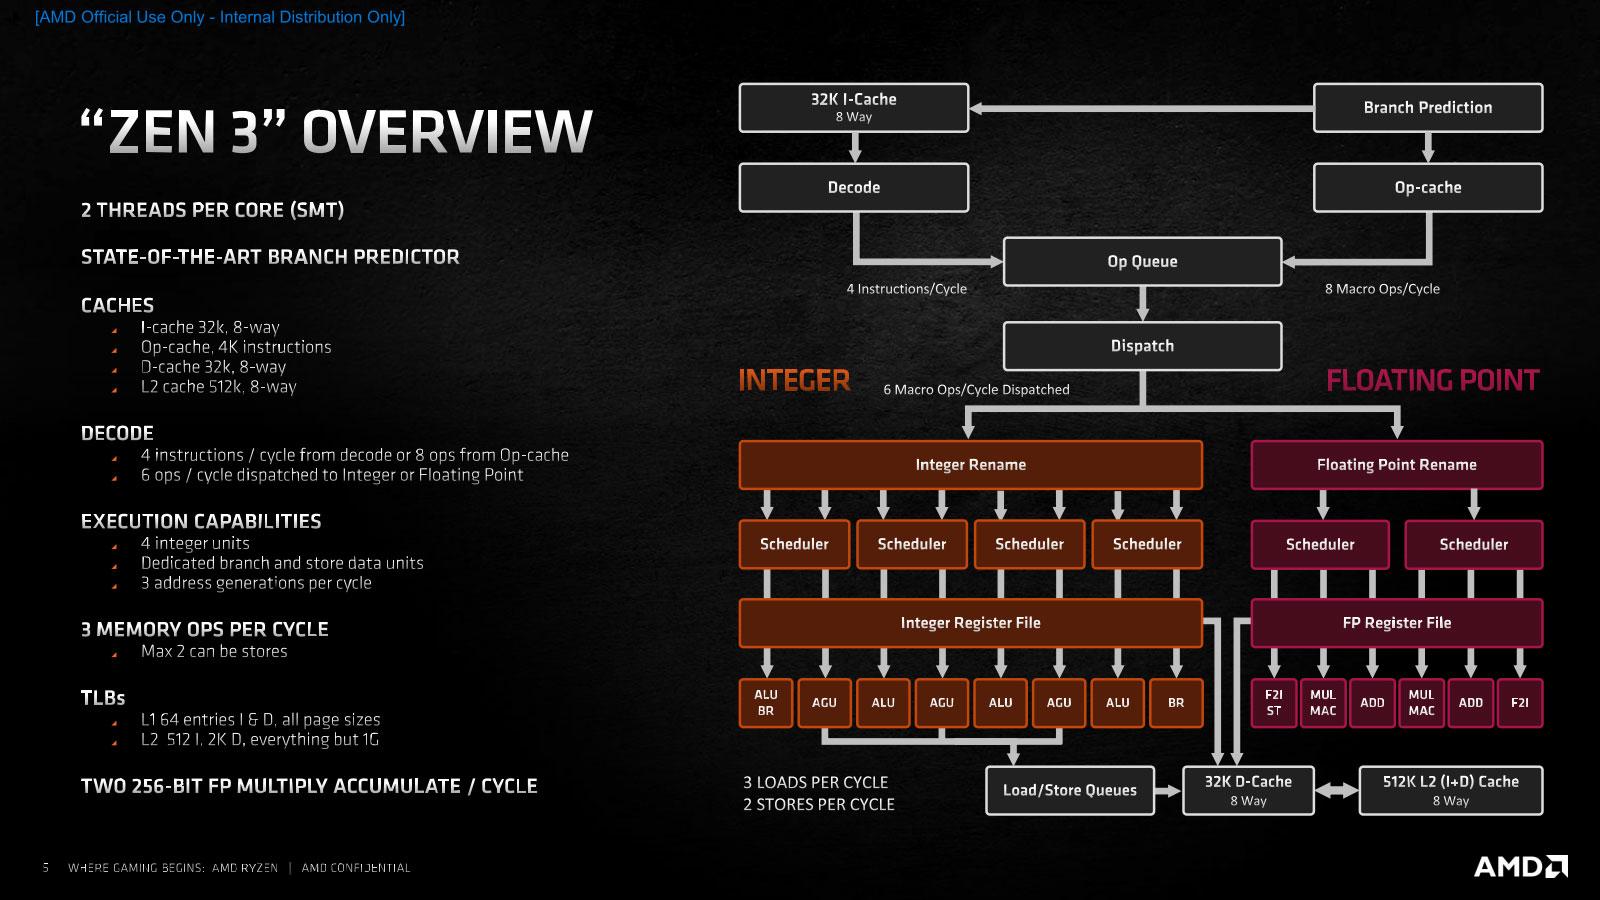 照片中提到了[AMD Official Use Only - Internal Distribution Only]、32K I-Cache、Branch Prediction,包含了軟件、AMD銳龍5 5600X、軟件、AMD銳龍9 5900X、禪宗3